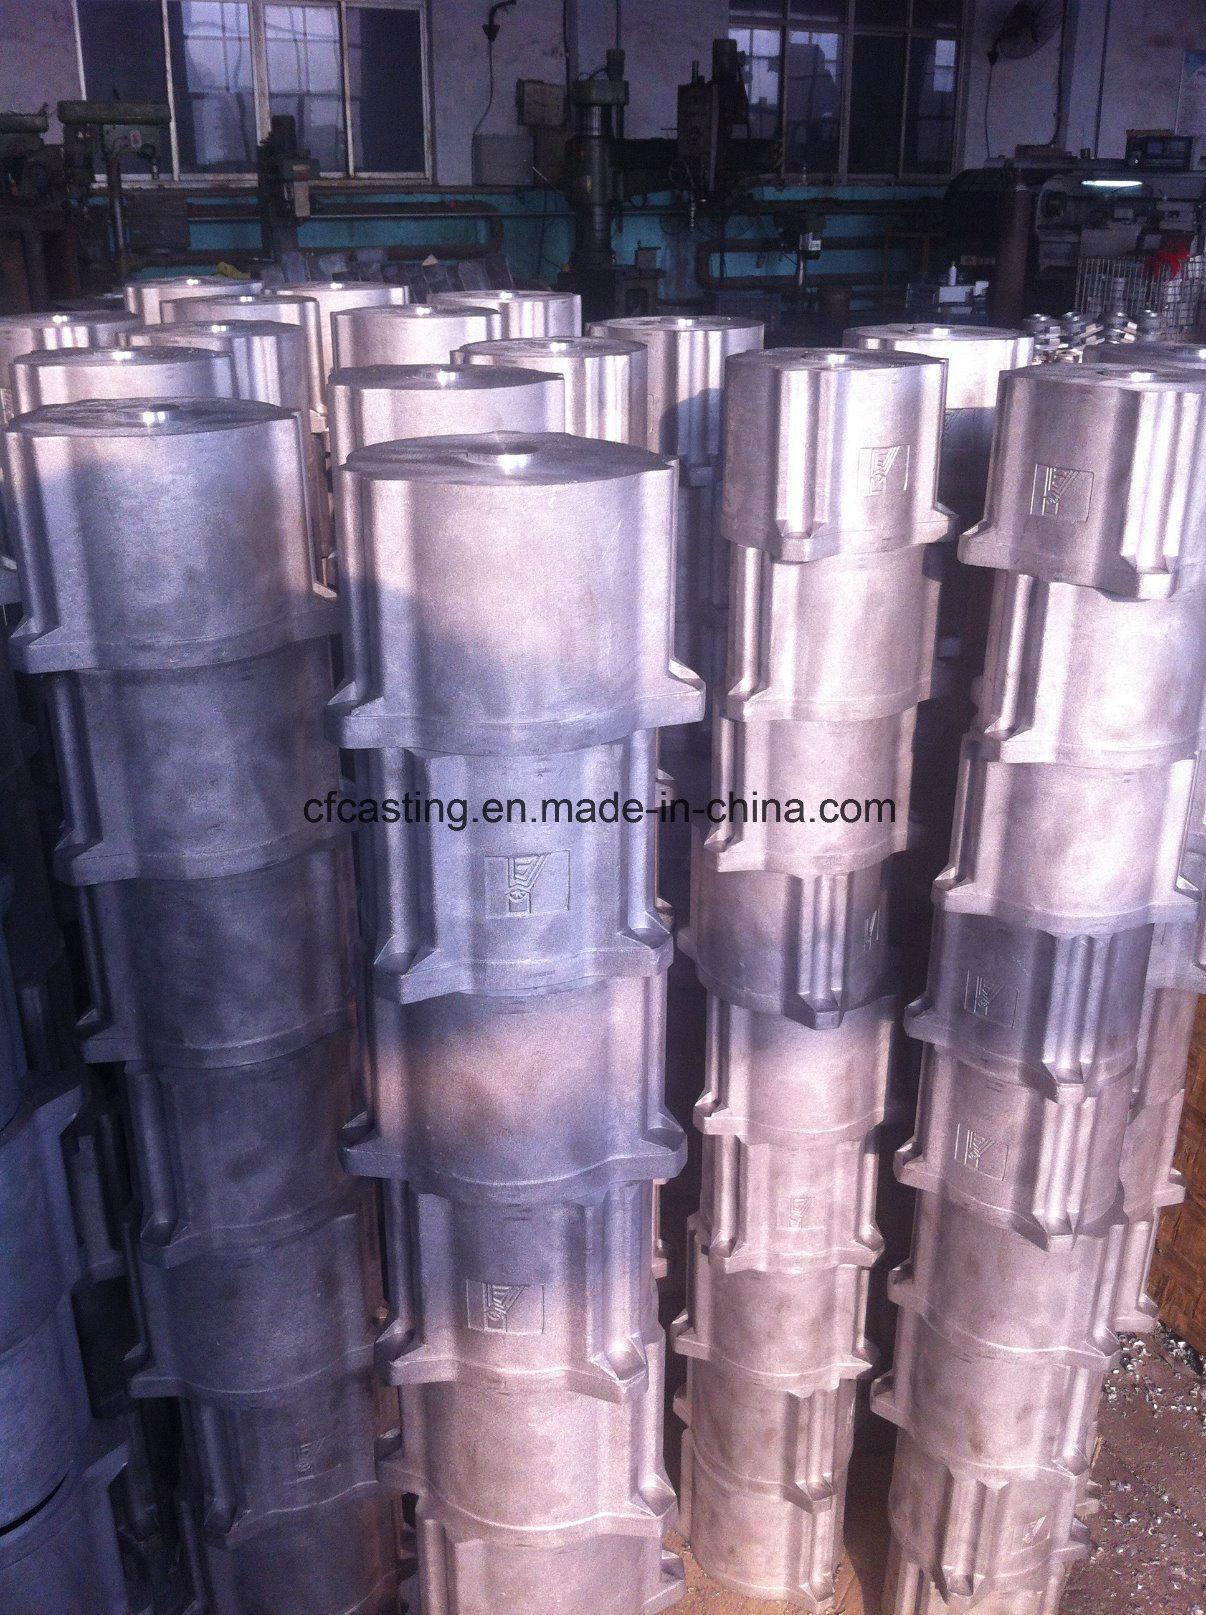 Customized Aluminum Pump Casting Parts